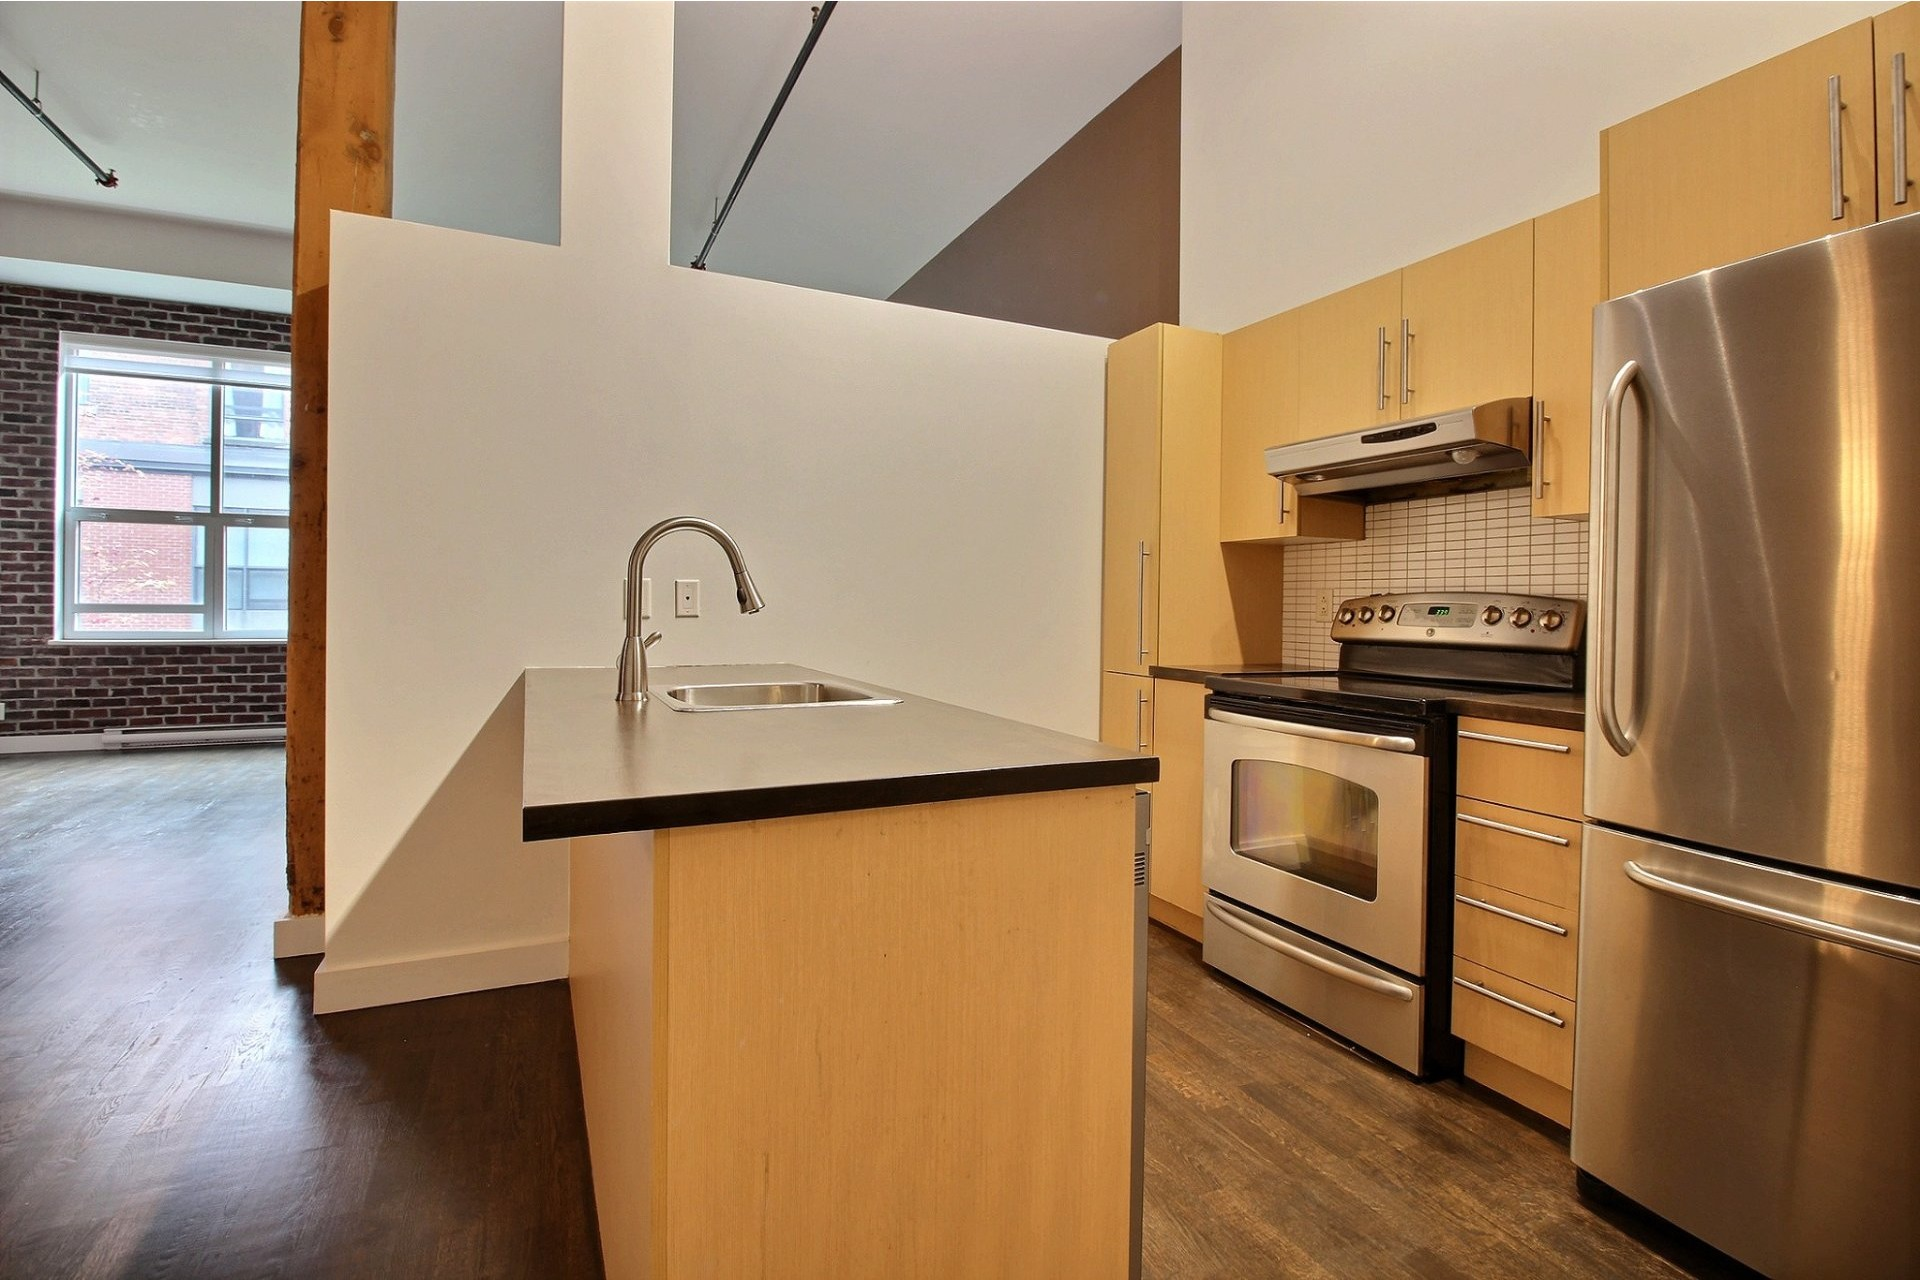 image 9 - Appartement À louer Mercier/Hochelaga-Maisonneuve Montréal  - 6 pièces